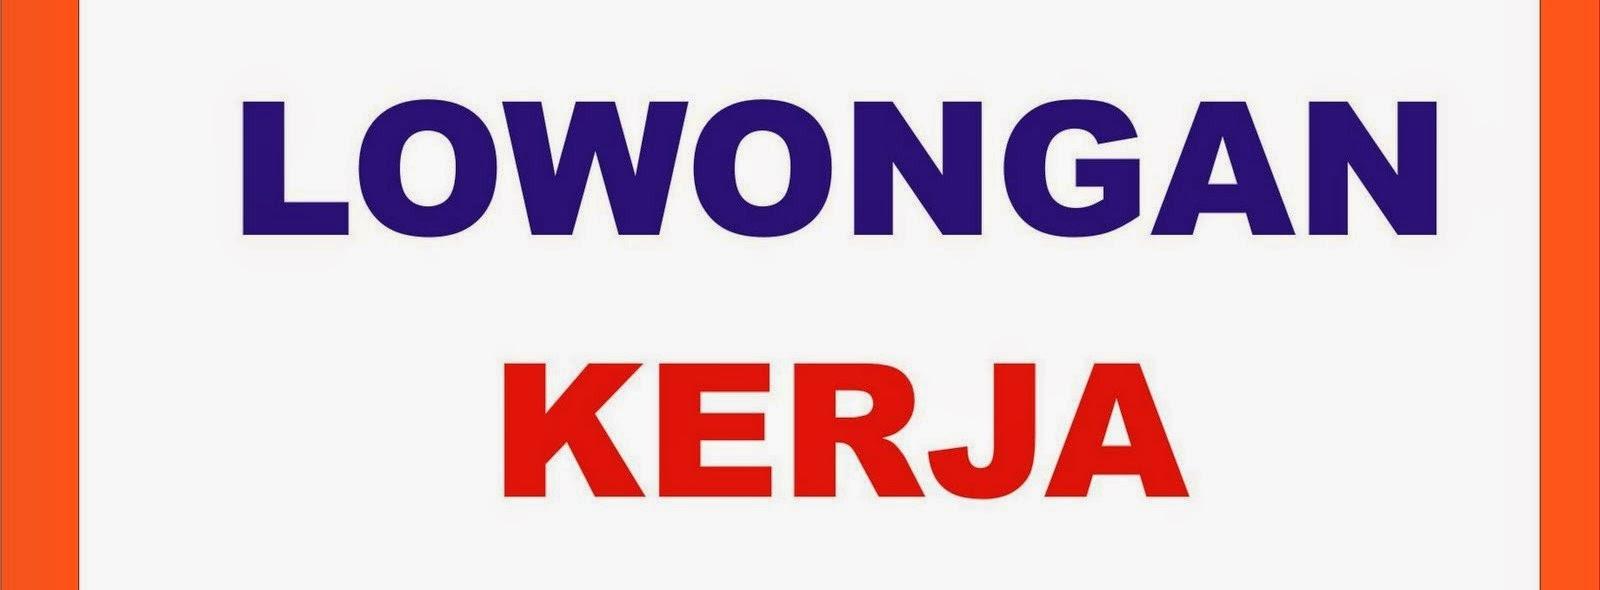 Image Result For Lowongan Kerja Semarang